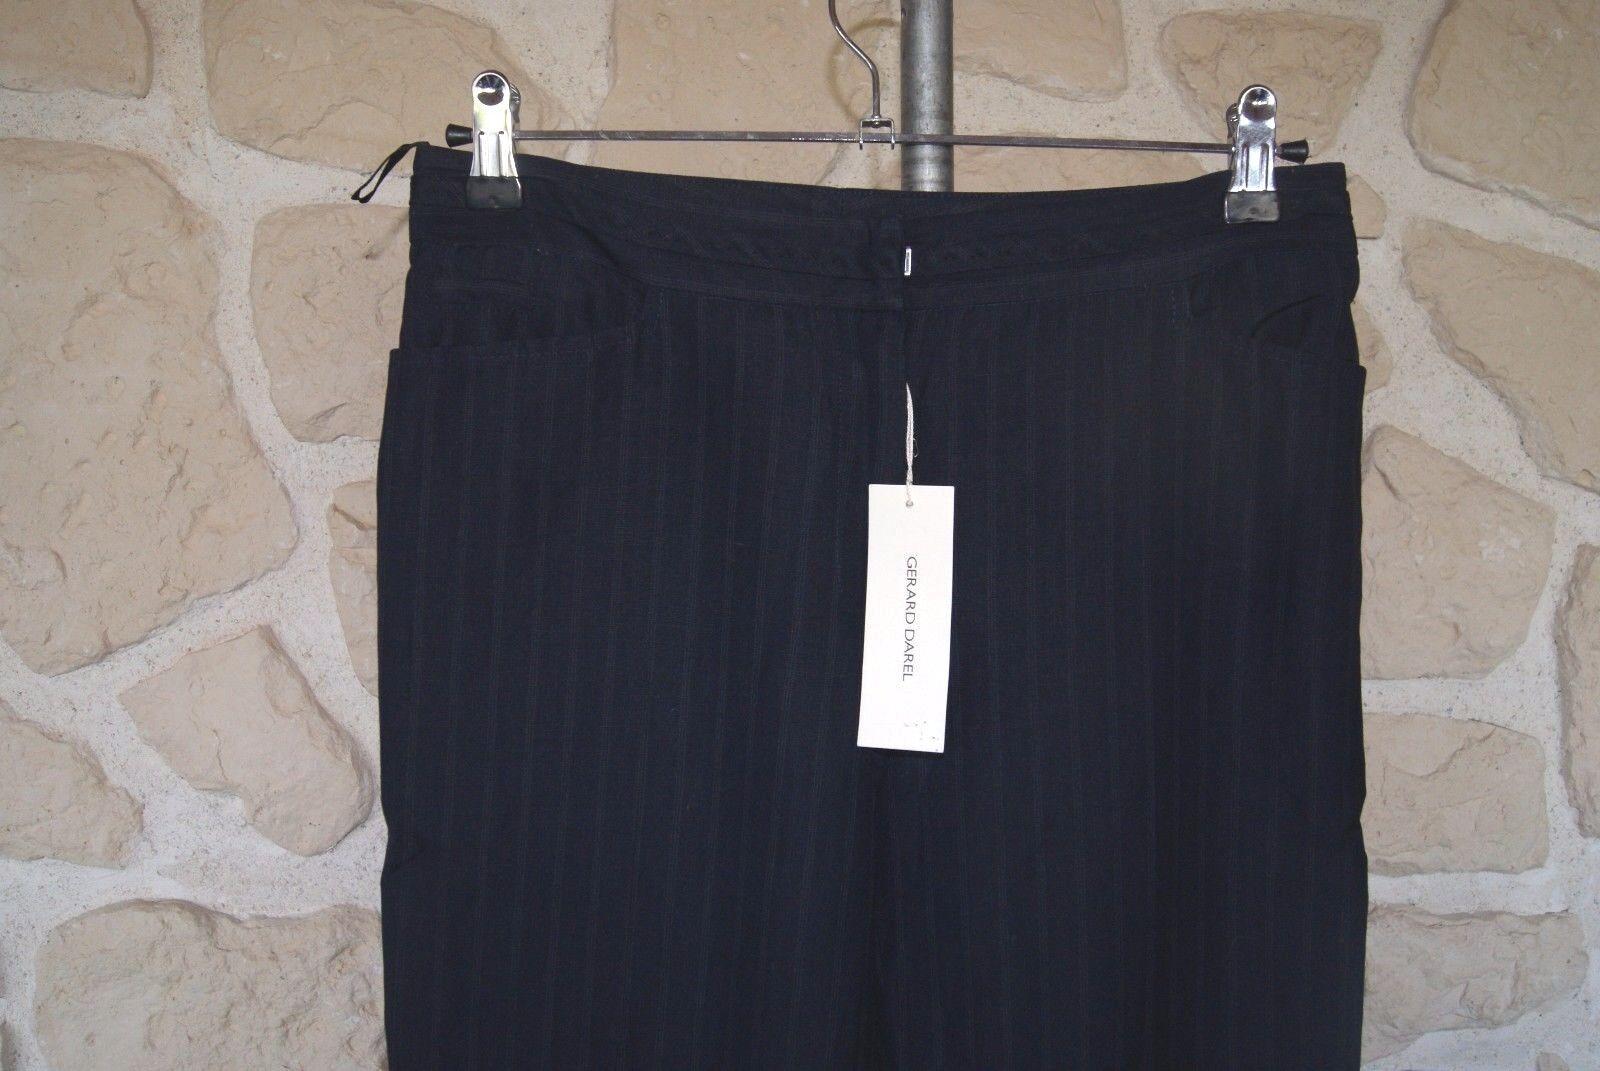 Pantalon blu neuf Dimensione 38 marque Gérard Gérard Gérard Darel avec laine étiqueté à  (v) 89f292